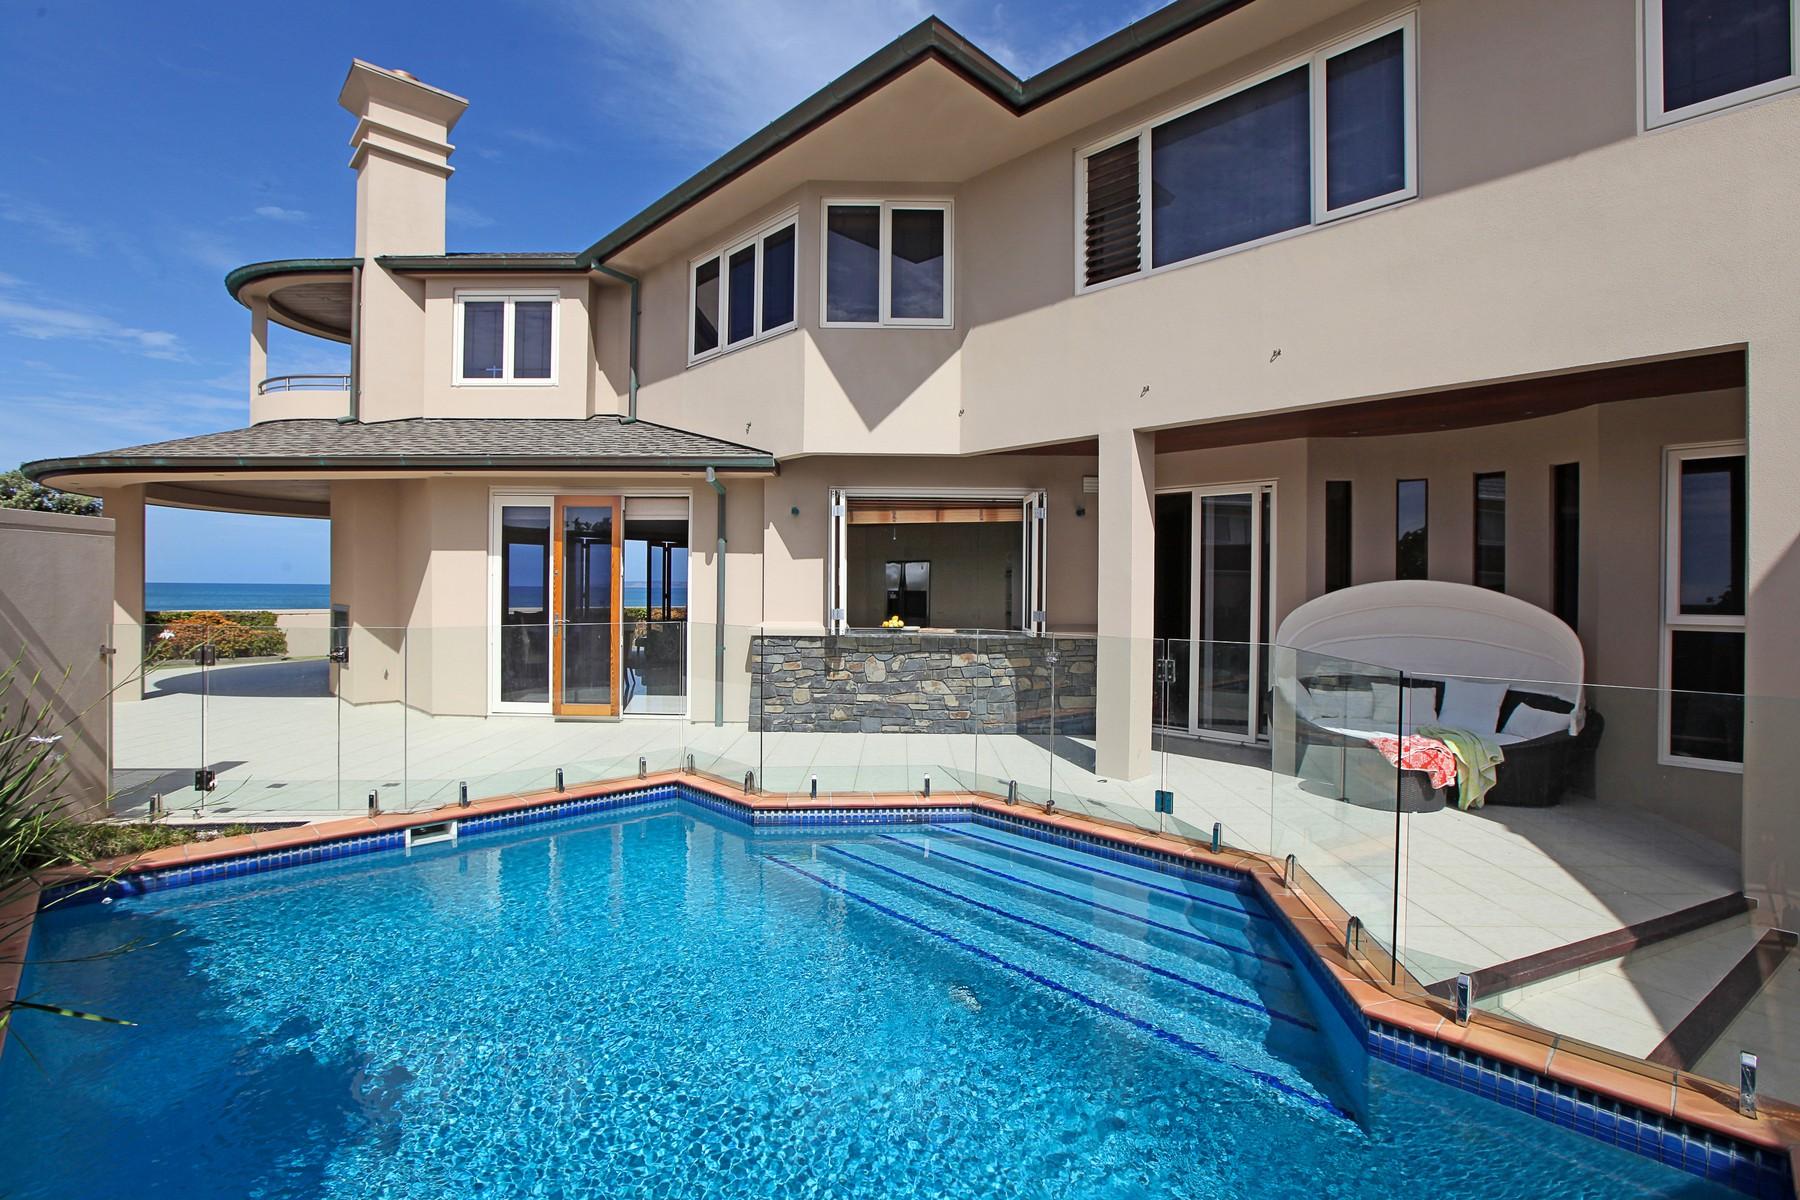 Anderer Wohnungstyp für Verkauf beim 375 Hibiscus Coast Hwy Auckland, Auckland Neuseeland